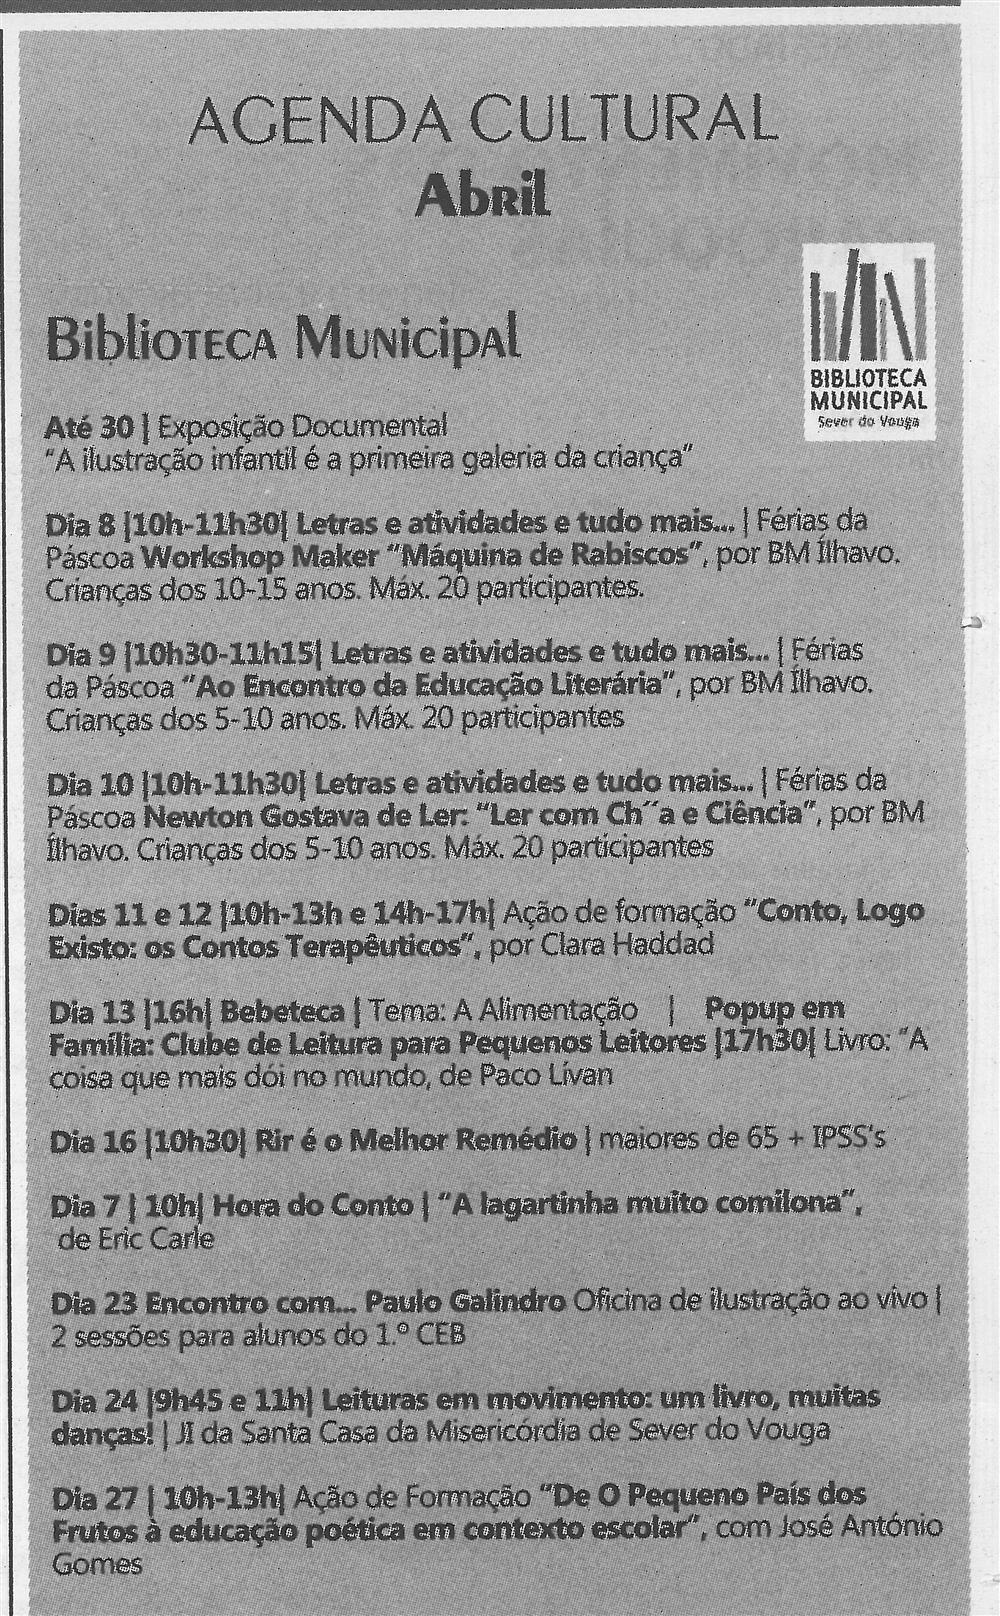 TV-abr.'19-p.11-Agenda Cultural [de] abril : Biblioteca Municipal.jpg